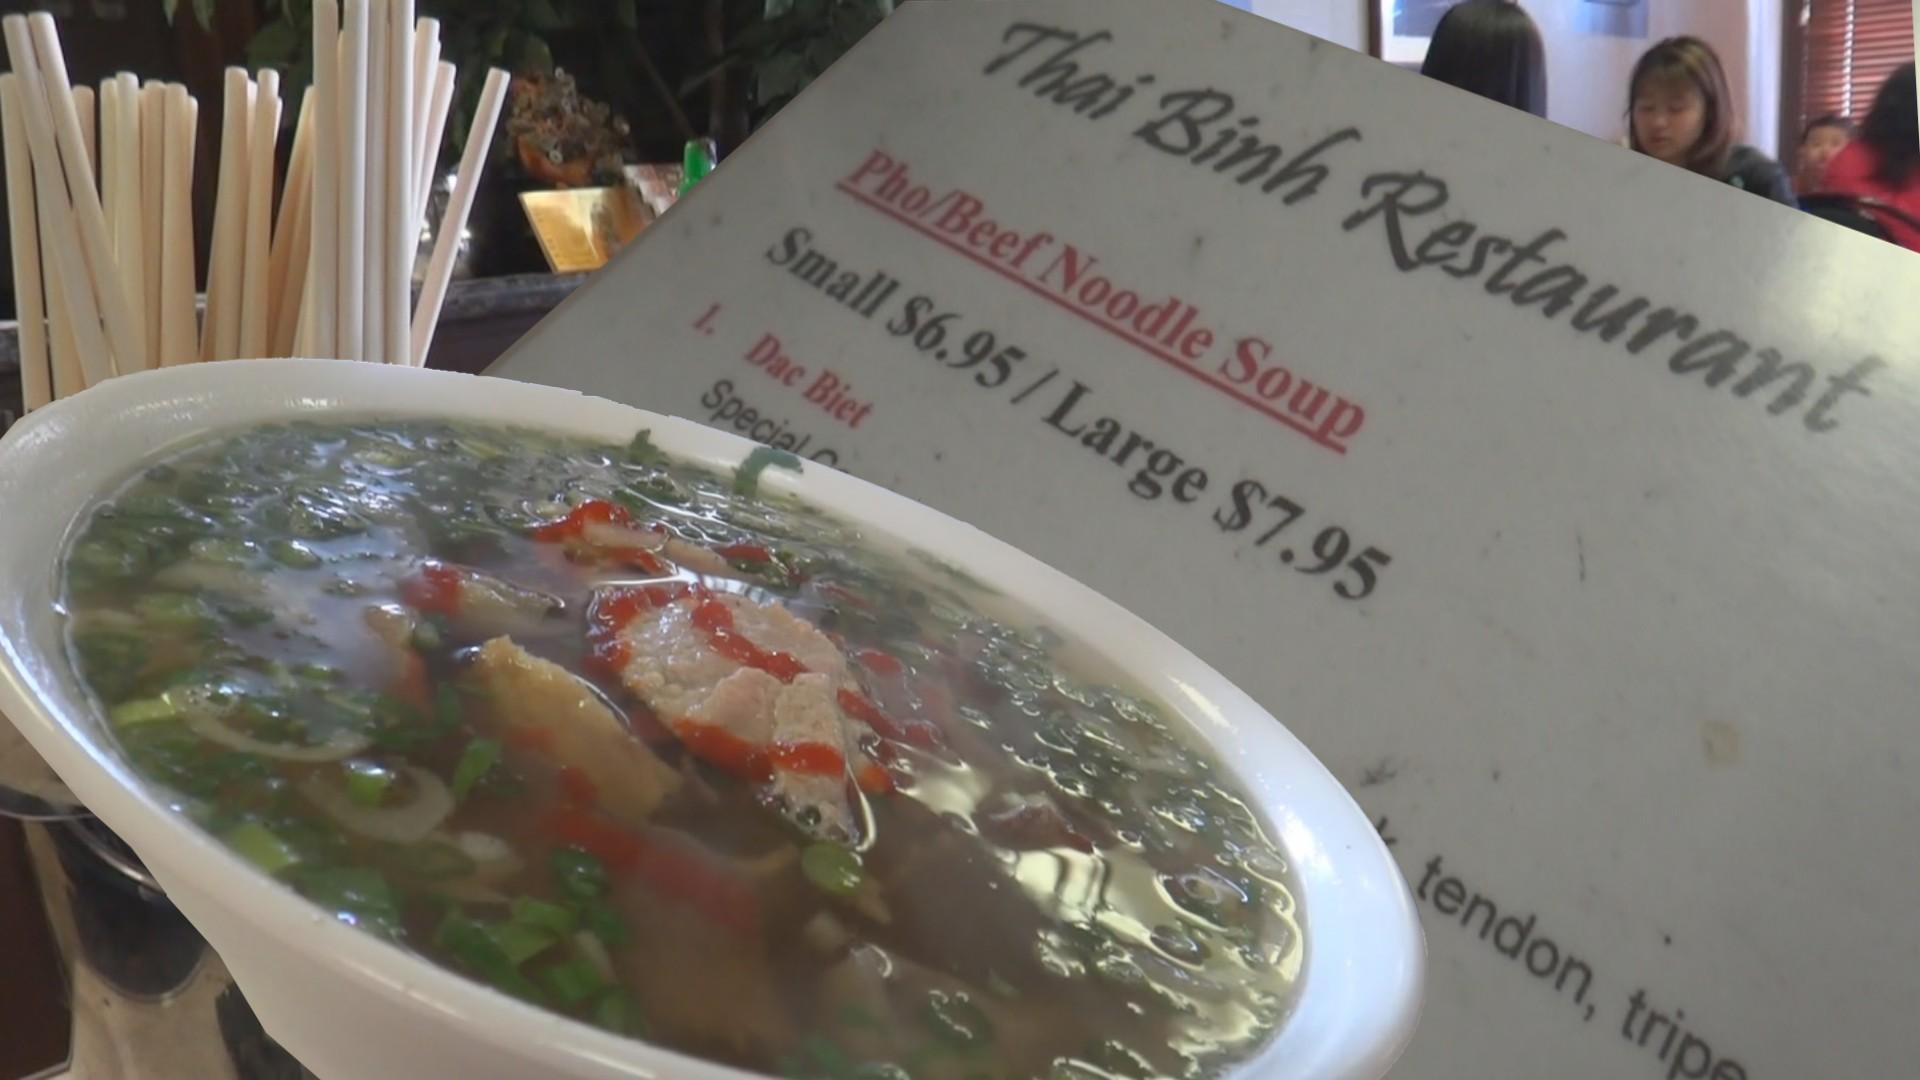 Thái Bình Restaurant